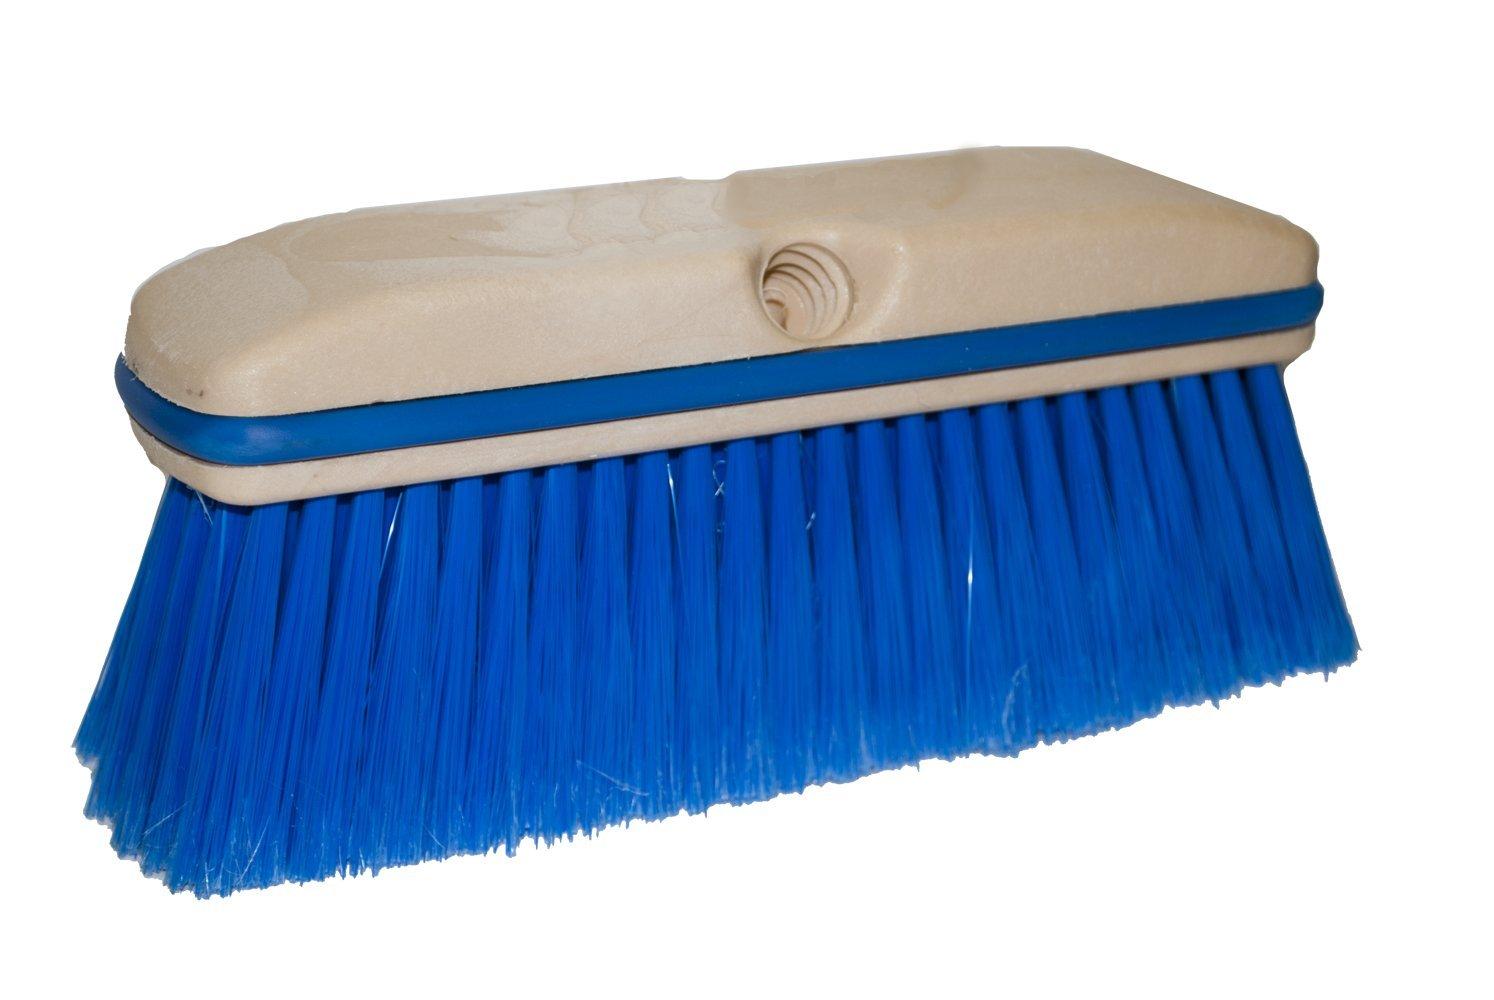 Magnolia Brush 3039 Vehicle Wash Brush, Flagged Polystyrene Bristles, 3'' Trim, 10'' Length, Blue (Case of 12)